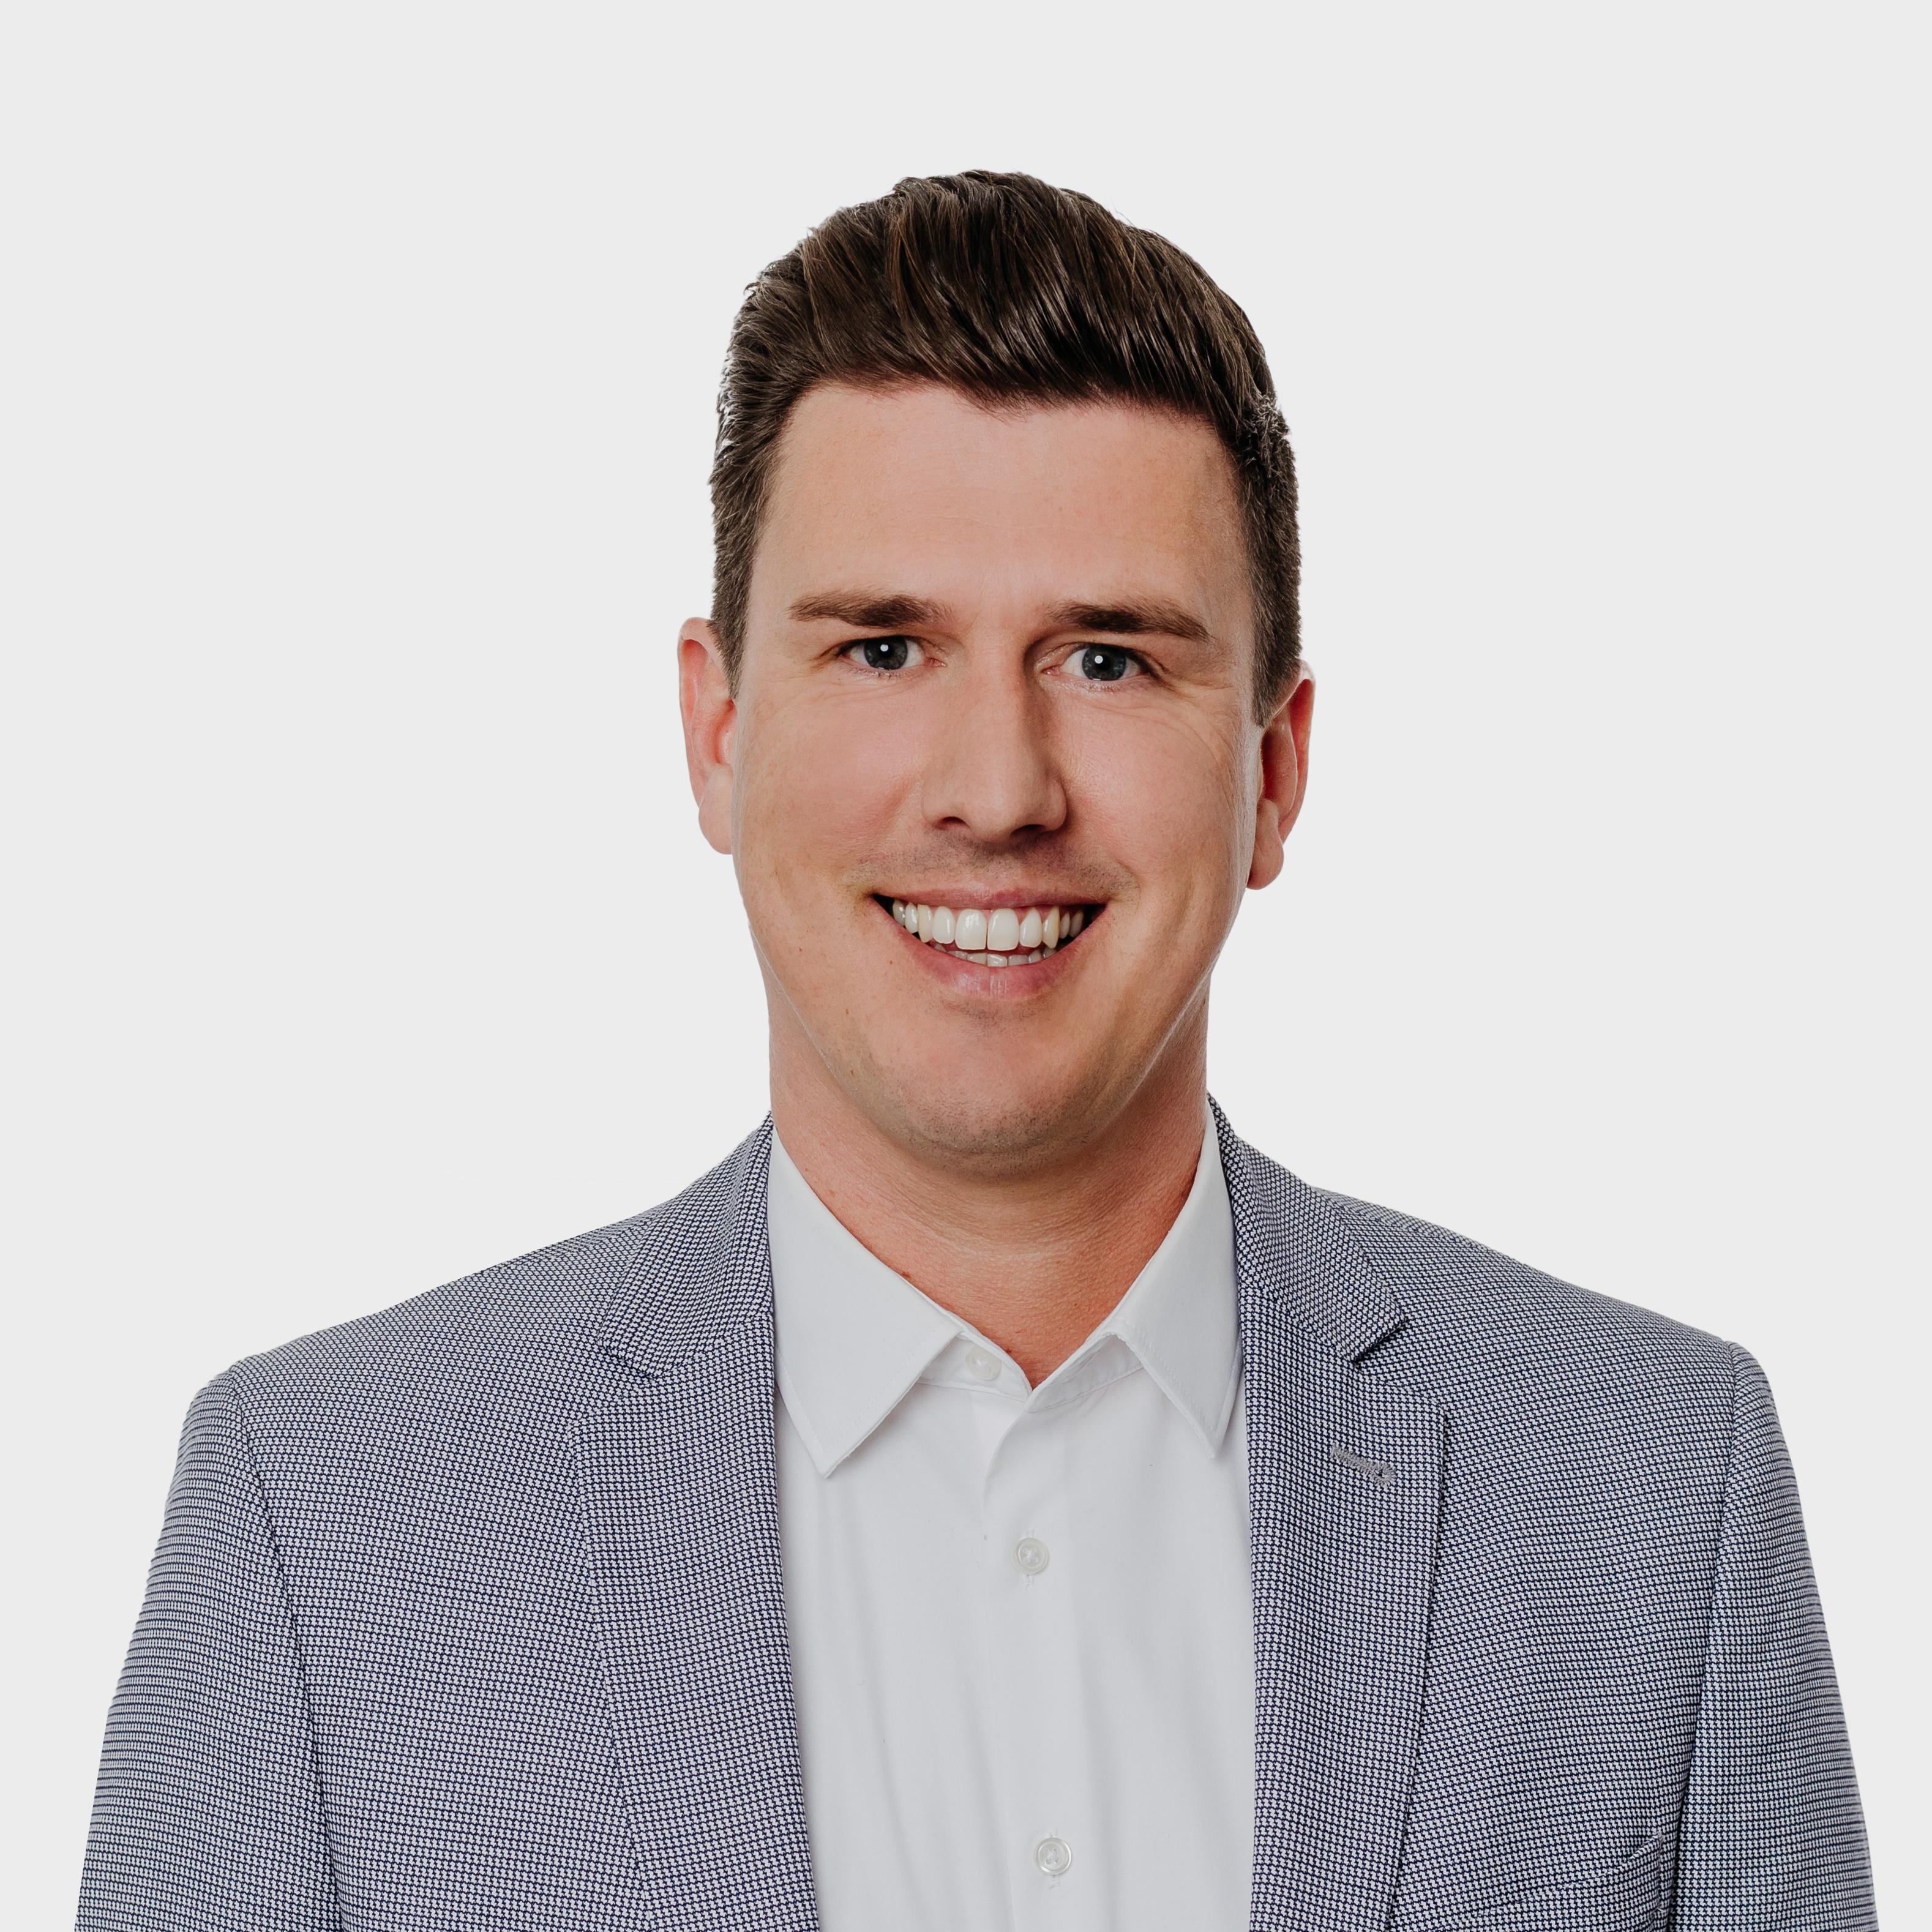 Portrait of Björn Schmidt